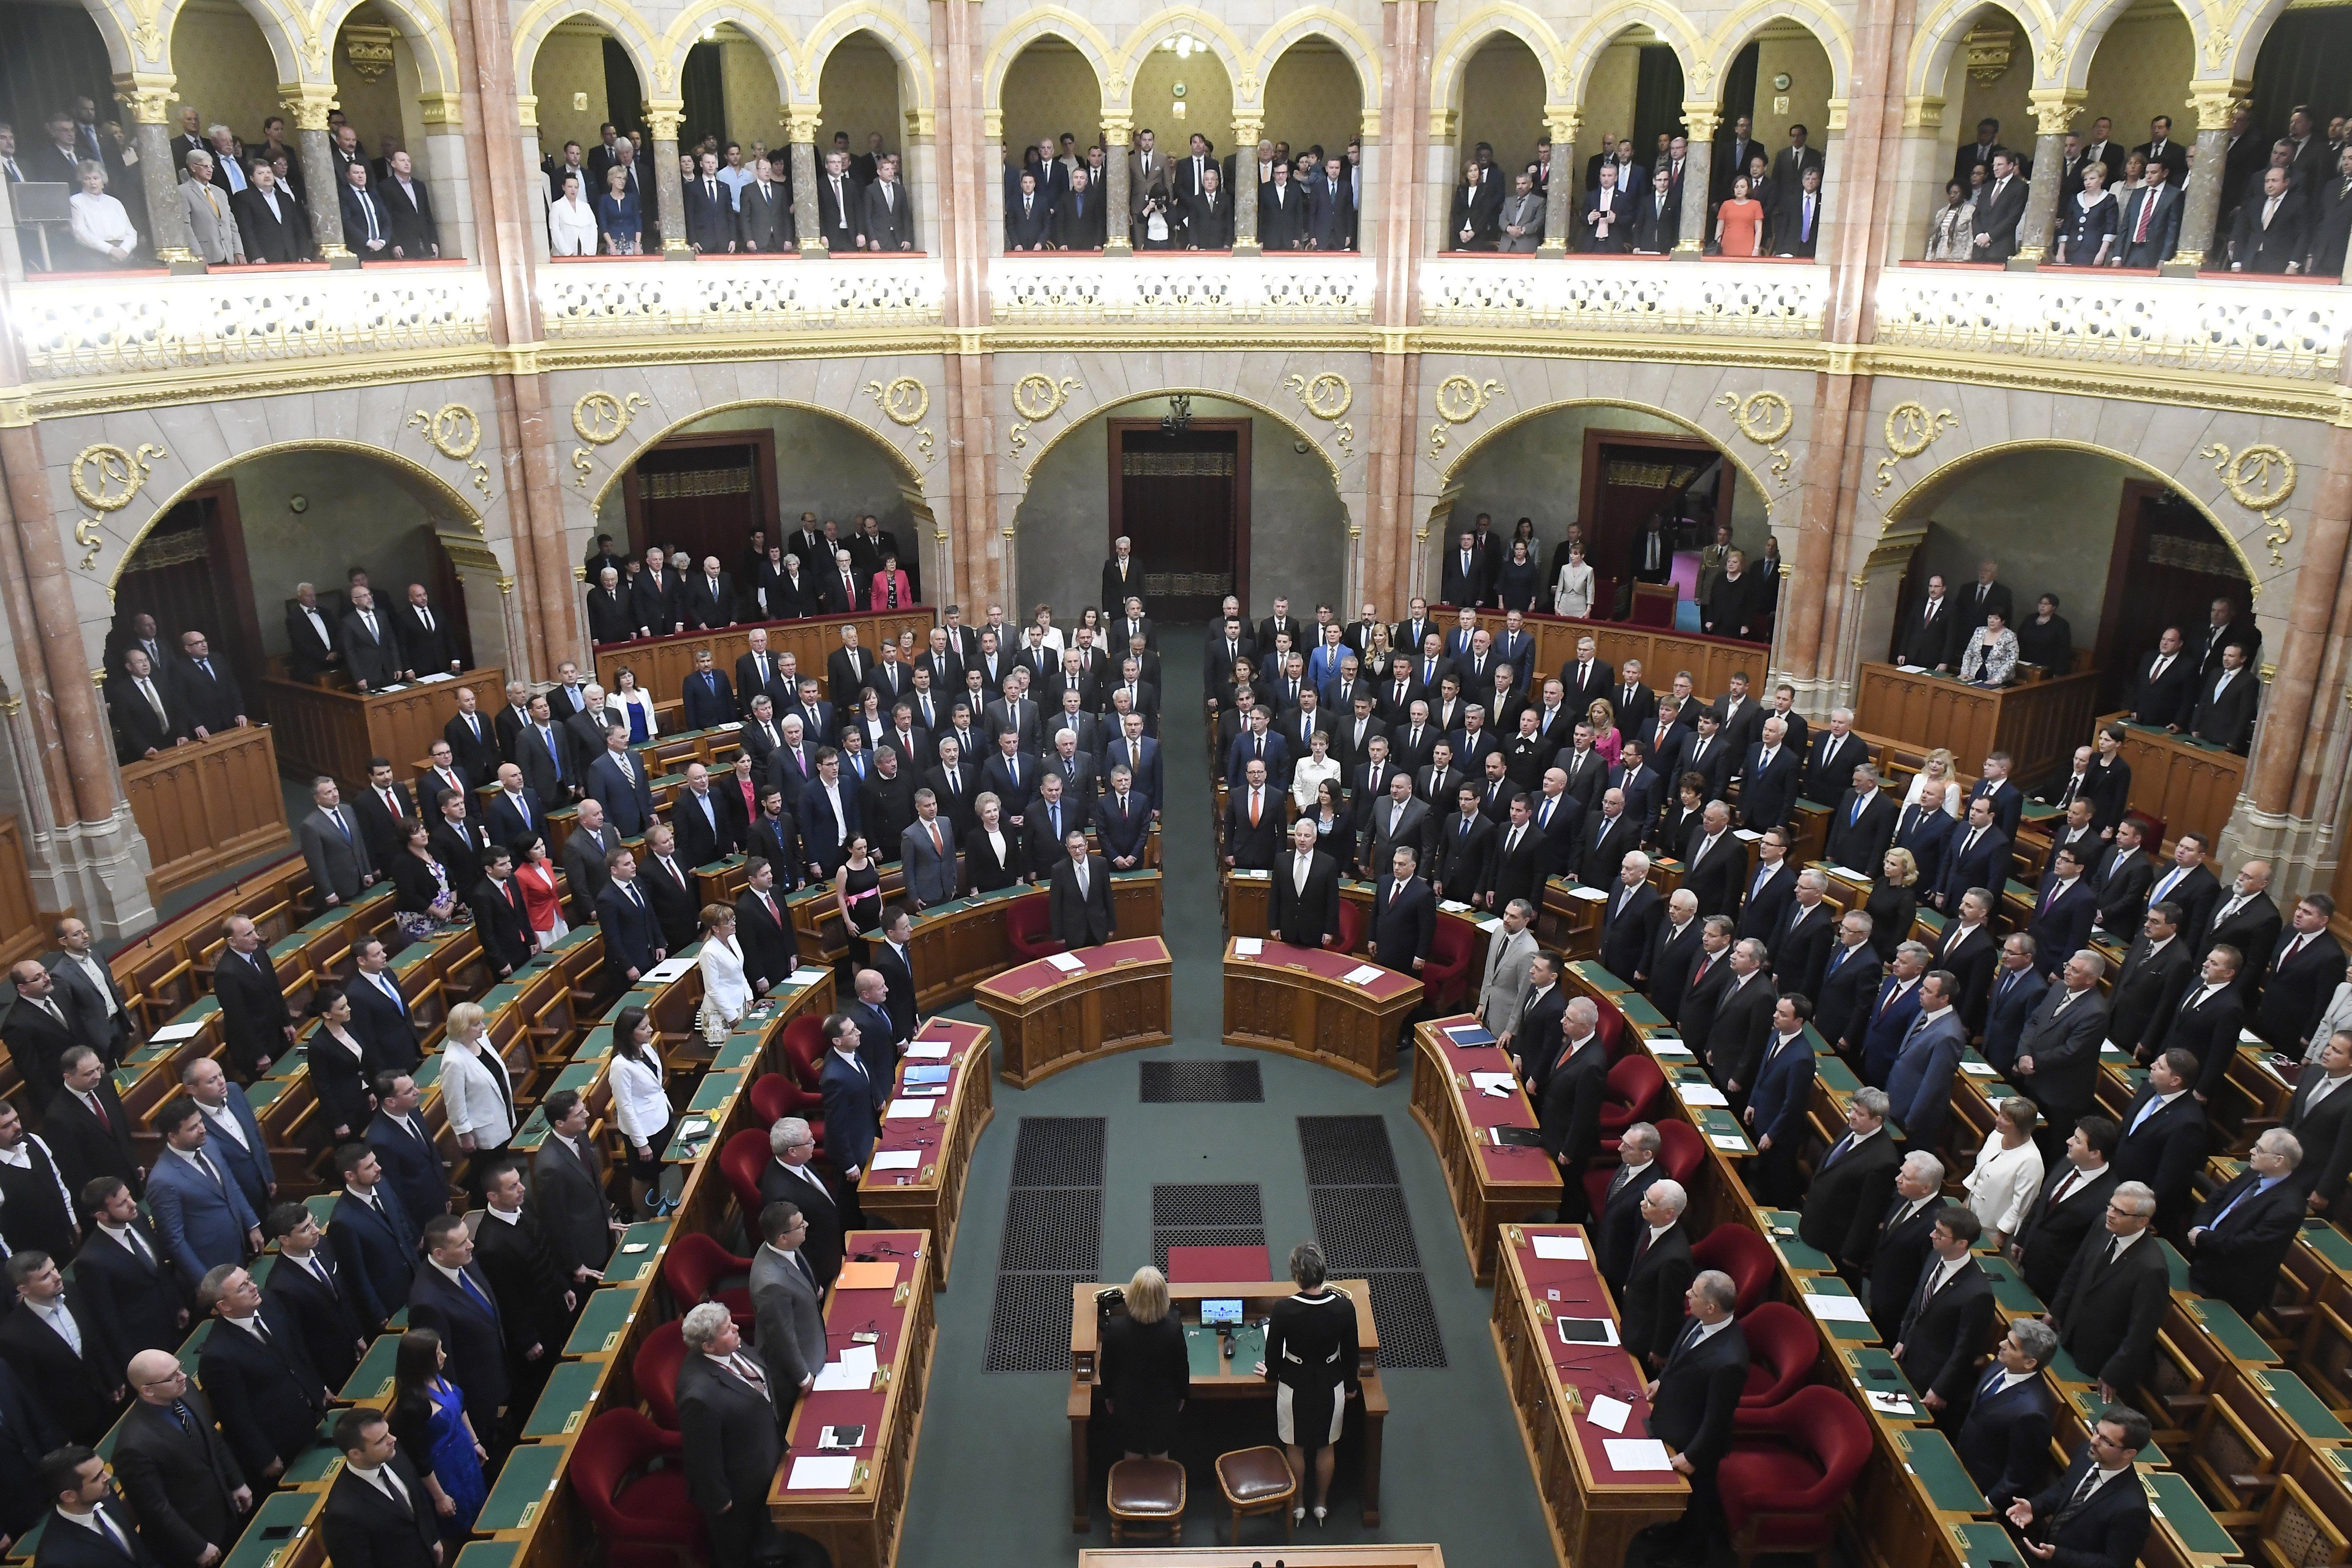 Tüntetőktől körülölelt parlamentben alakult meg az új országgyűlés